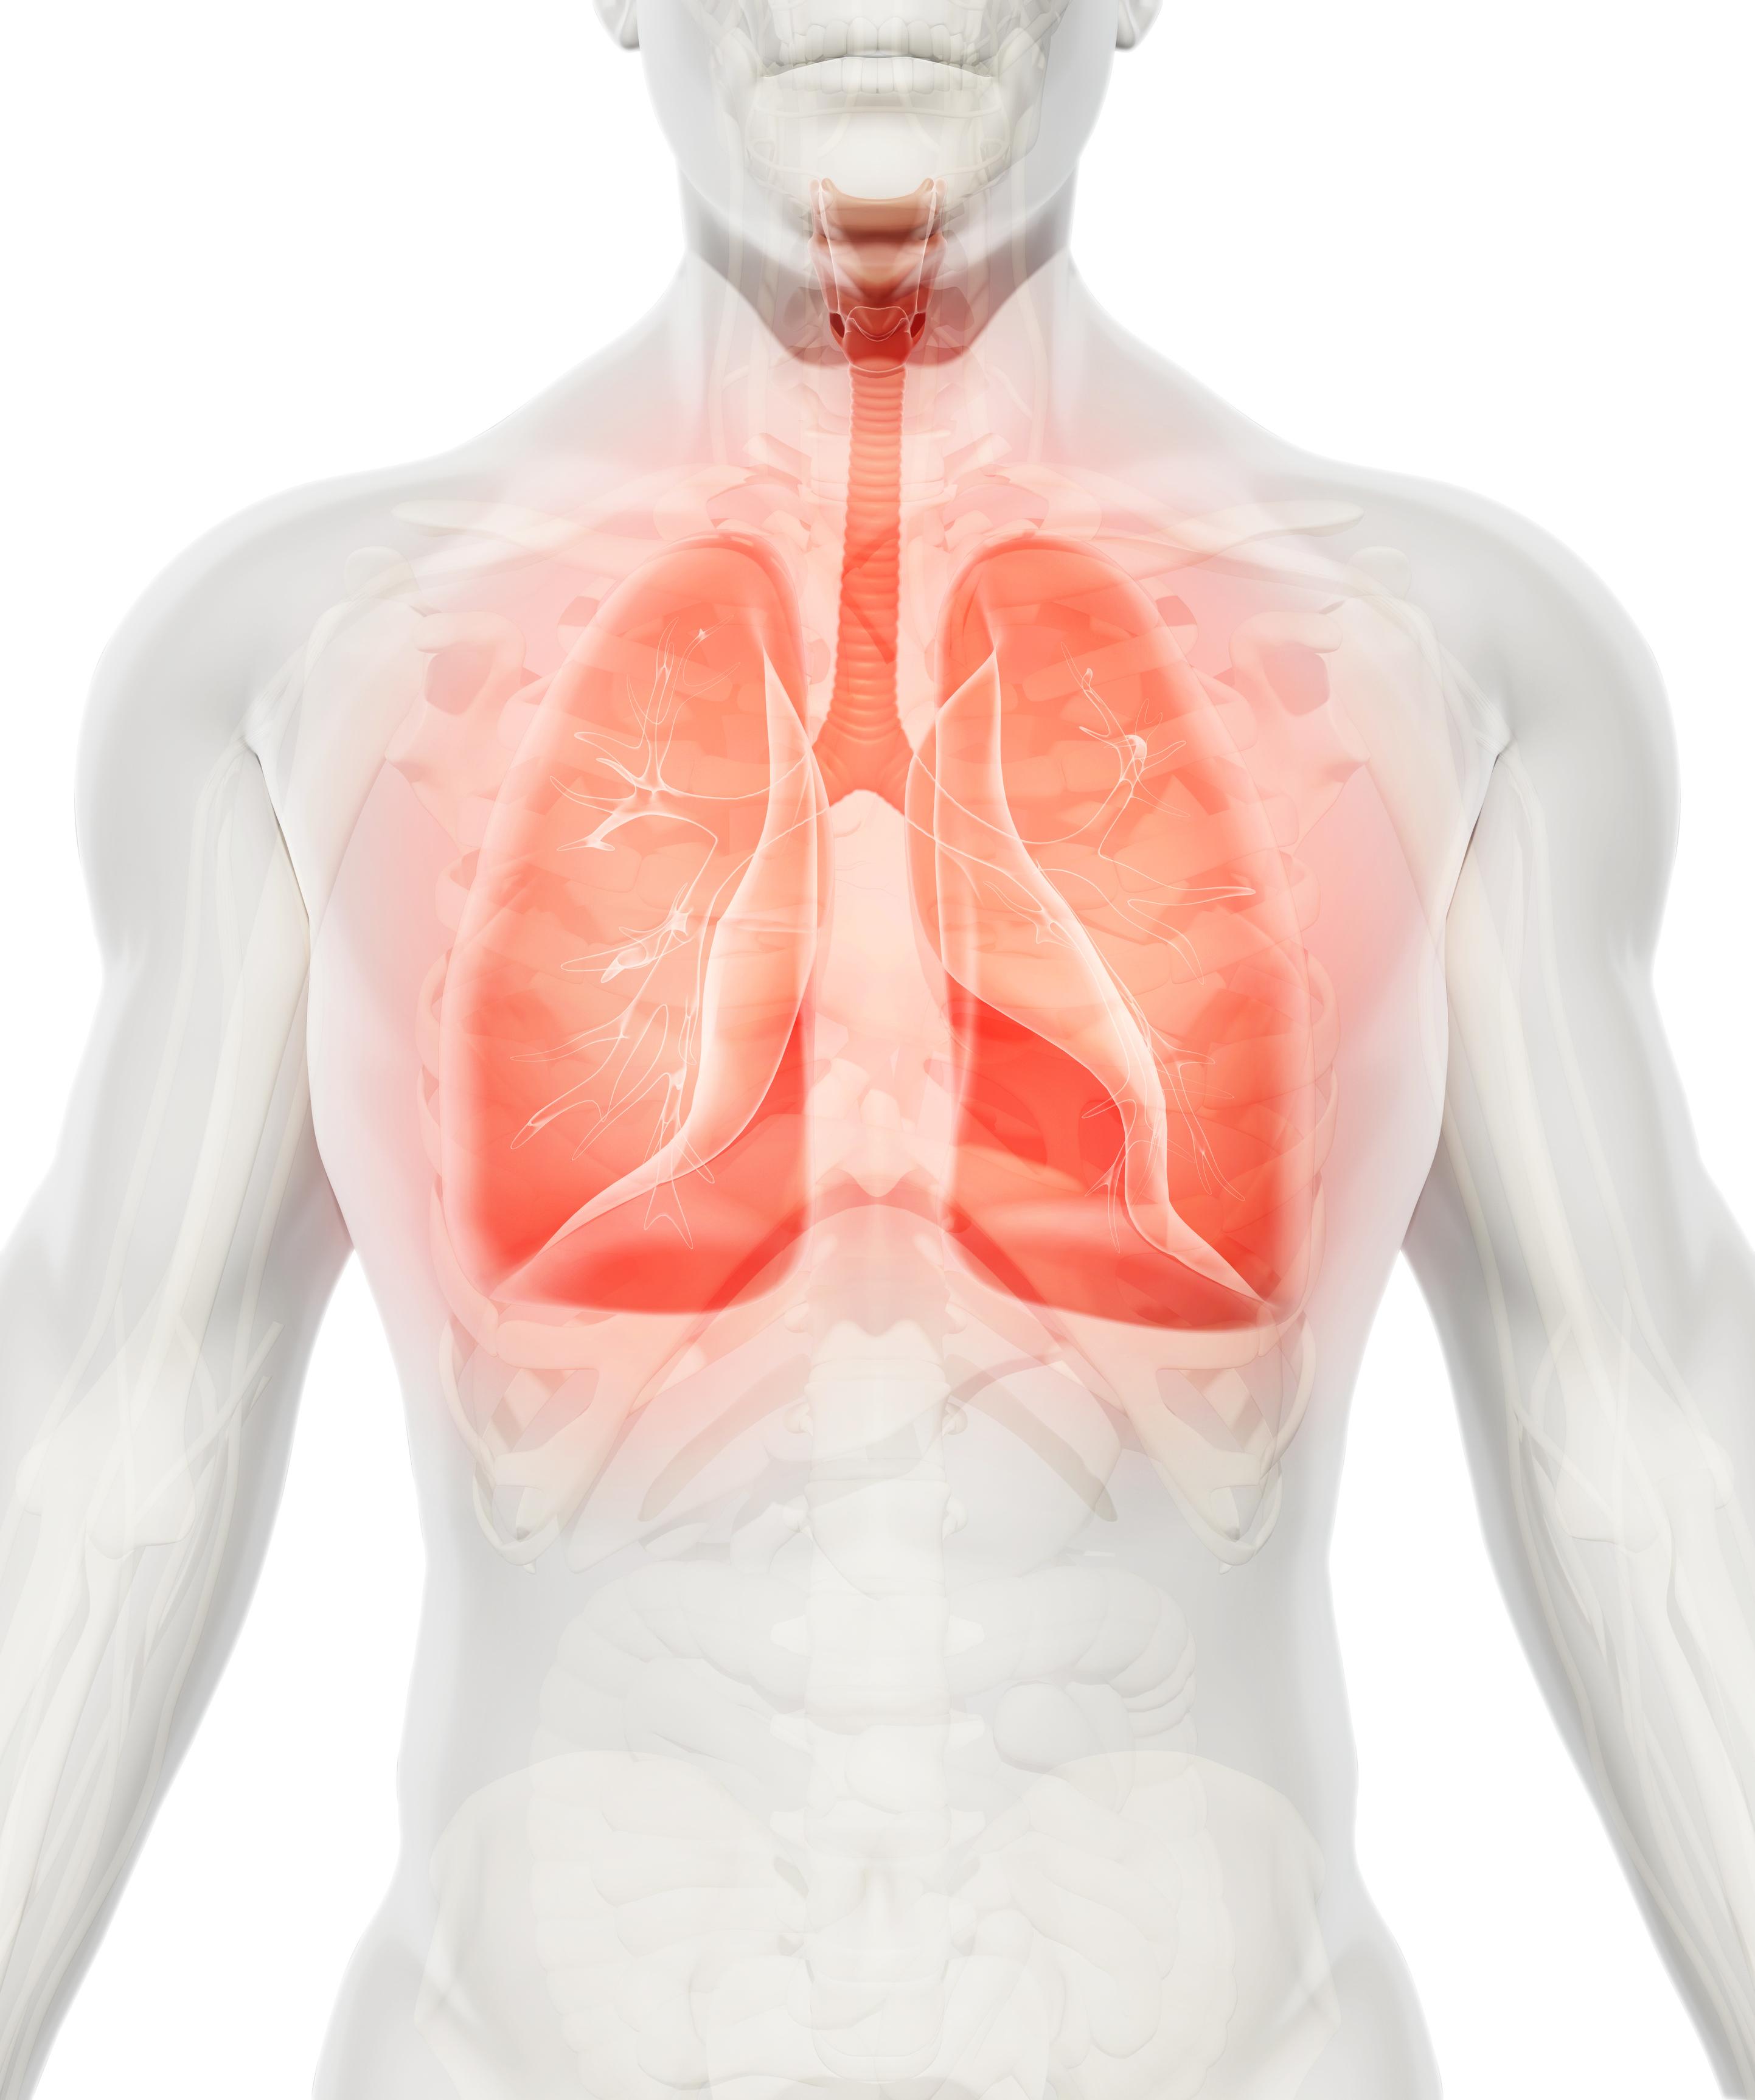 На четвърто място са хроничните заболявания на долните дихателни пътища. Рискът за смърт от тях е 1 към 28.